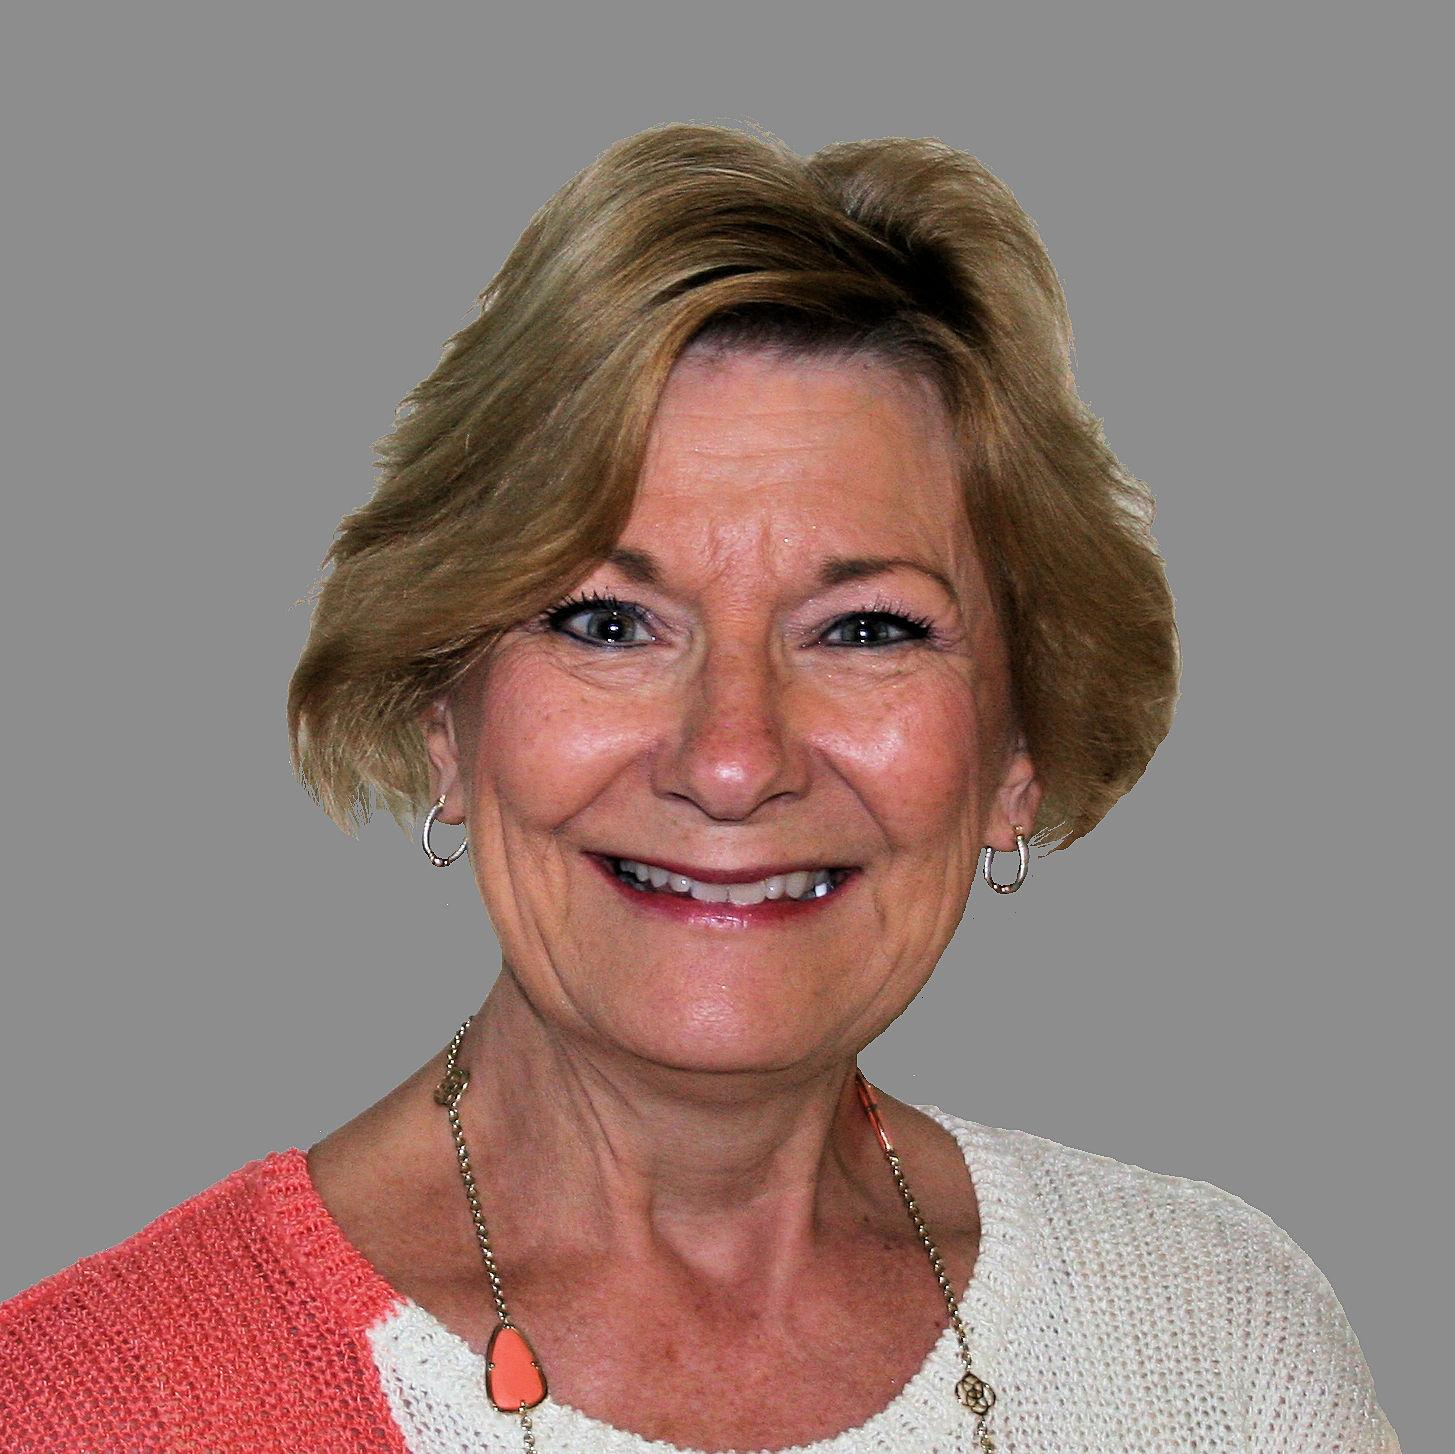 Erika Crump